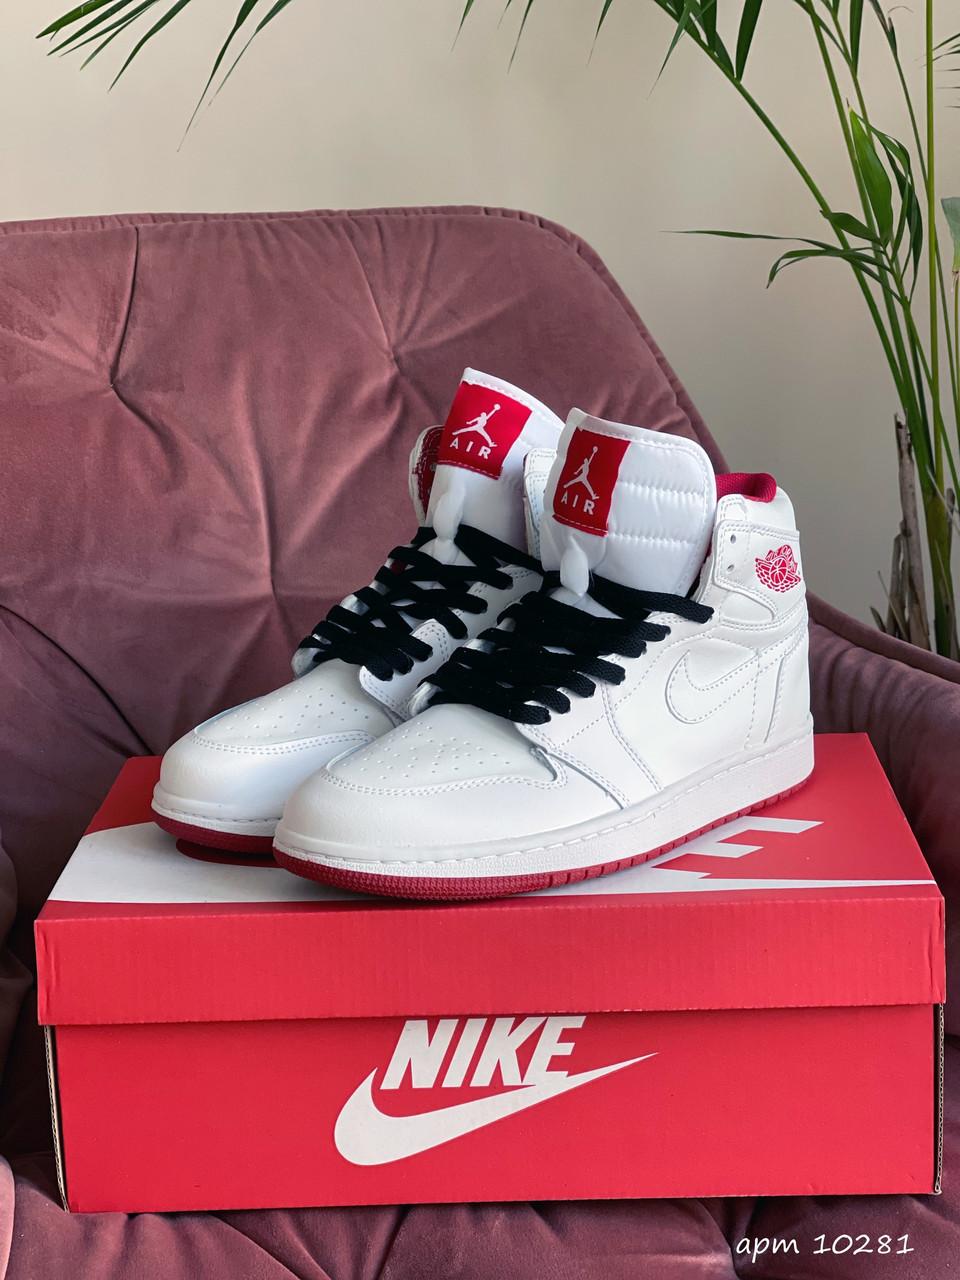 Баскетбольні кросівки Nike Air Jordan, білі / підліткові кросівки Найк аїр джордан (Топ репліка ААА+)